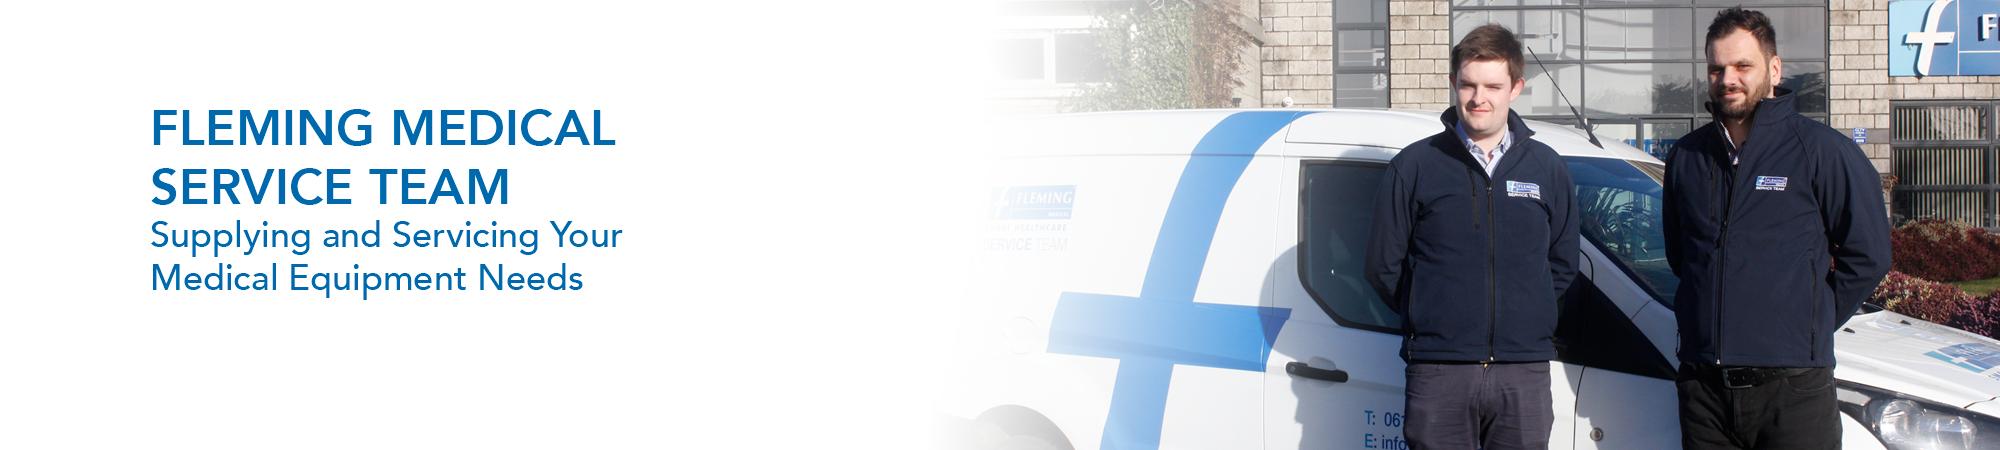 Fleming Medical Medical Equipment Service Team Banner Image